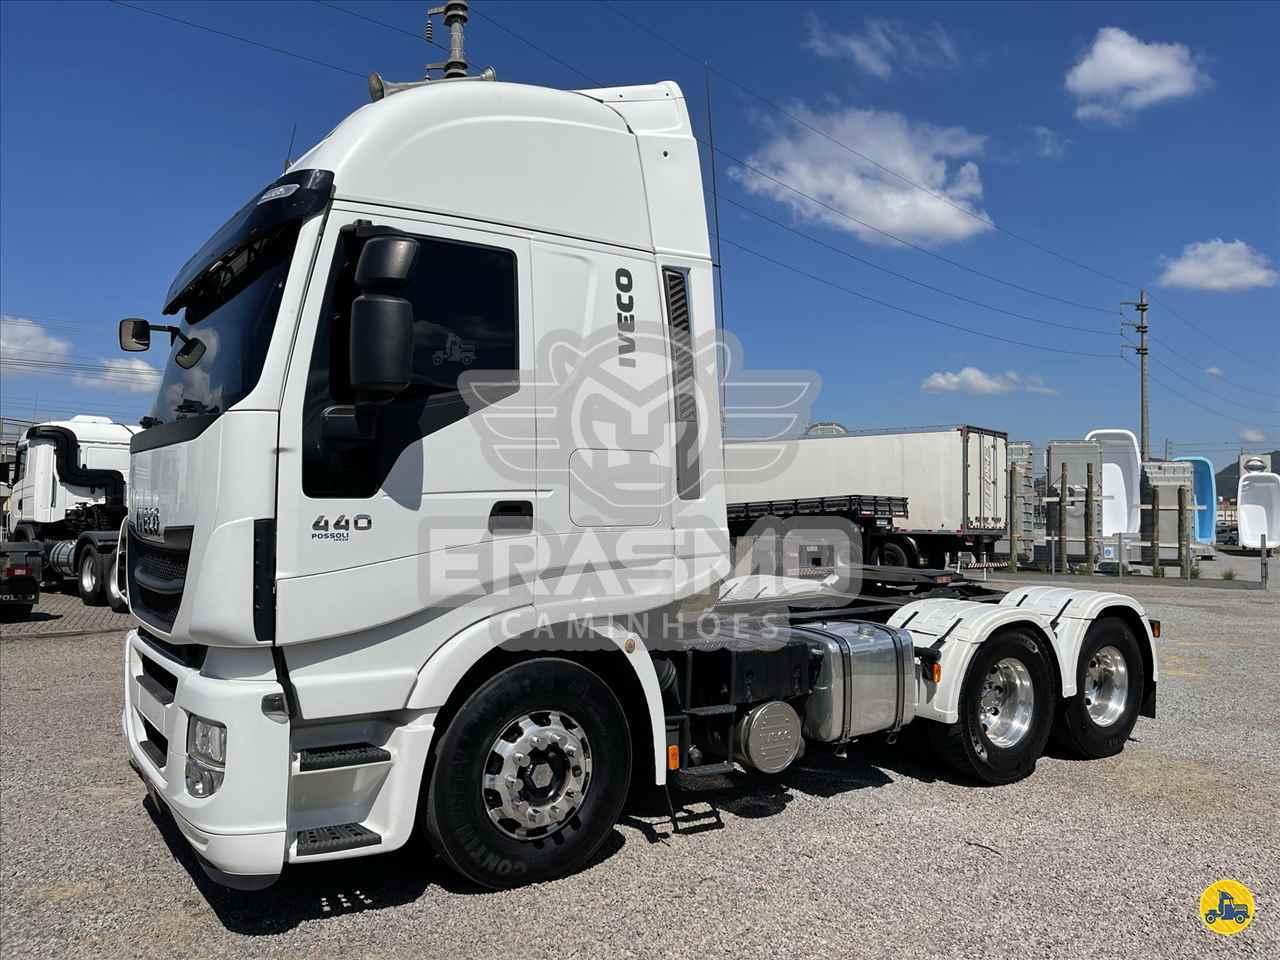 CAMINHAO IVECO STRALIS 440 Cavalo Mecânico Truck 6x2 Erasmo Caminhões TUBARAO SANTA CATARINA SC